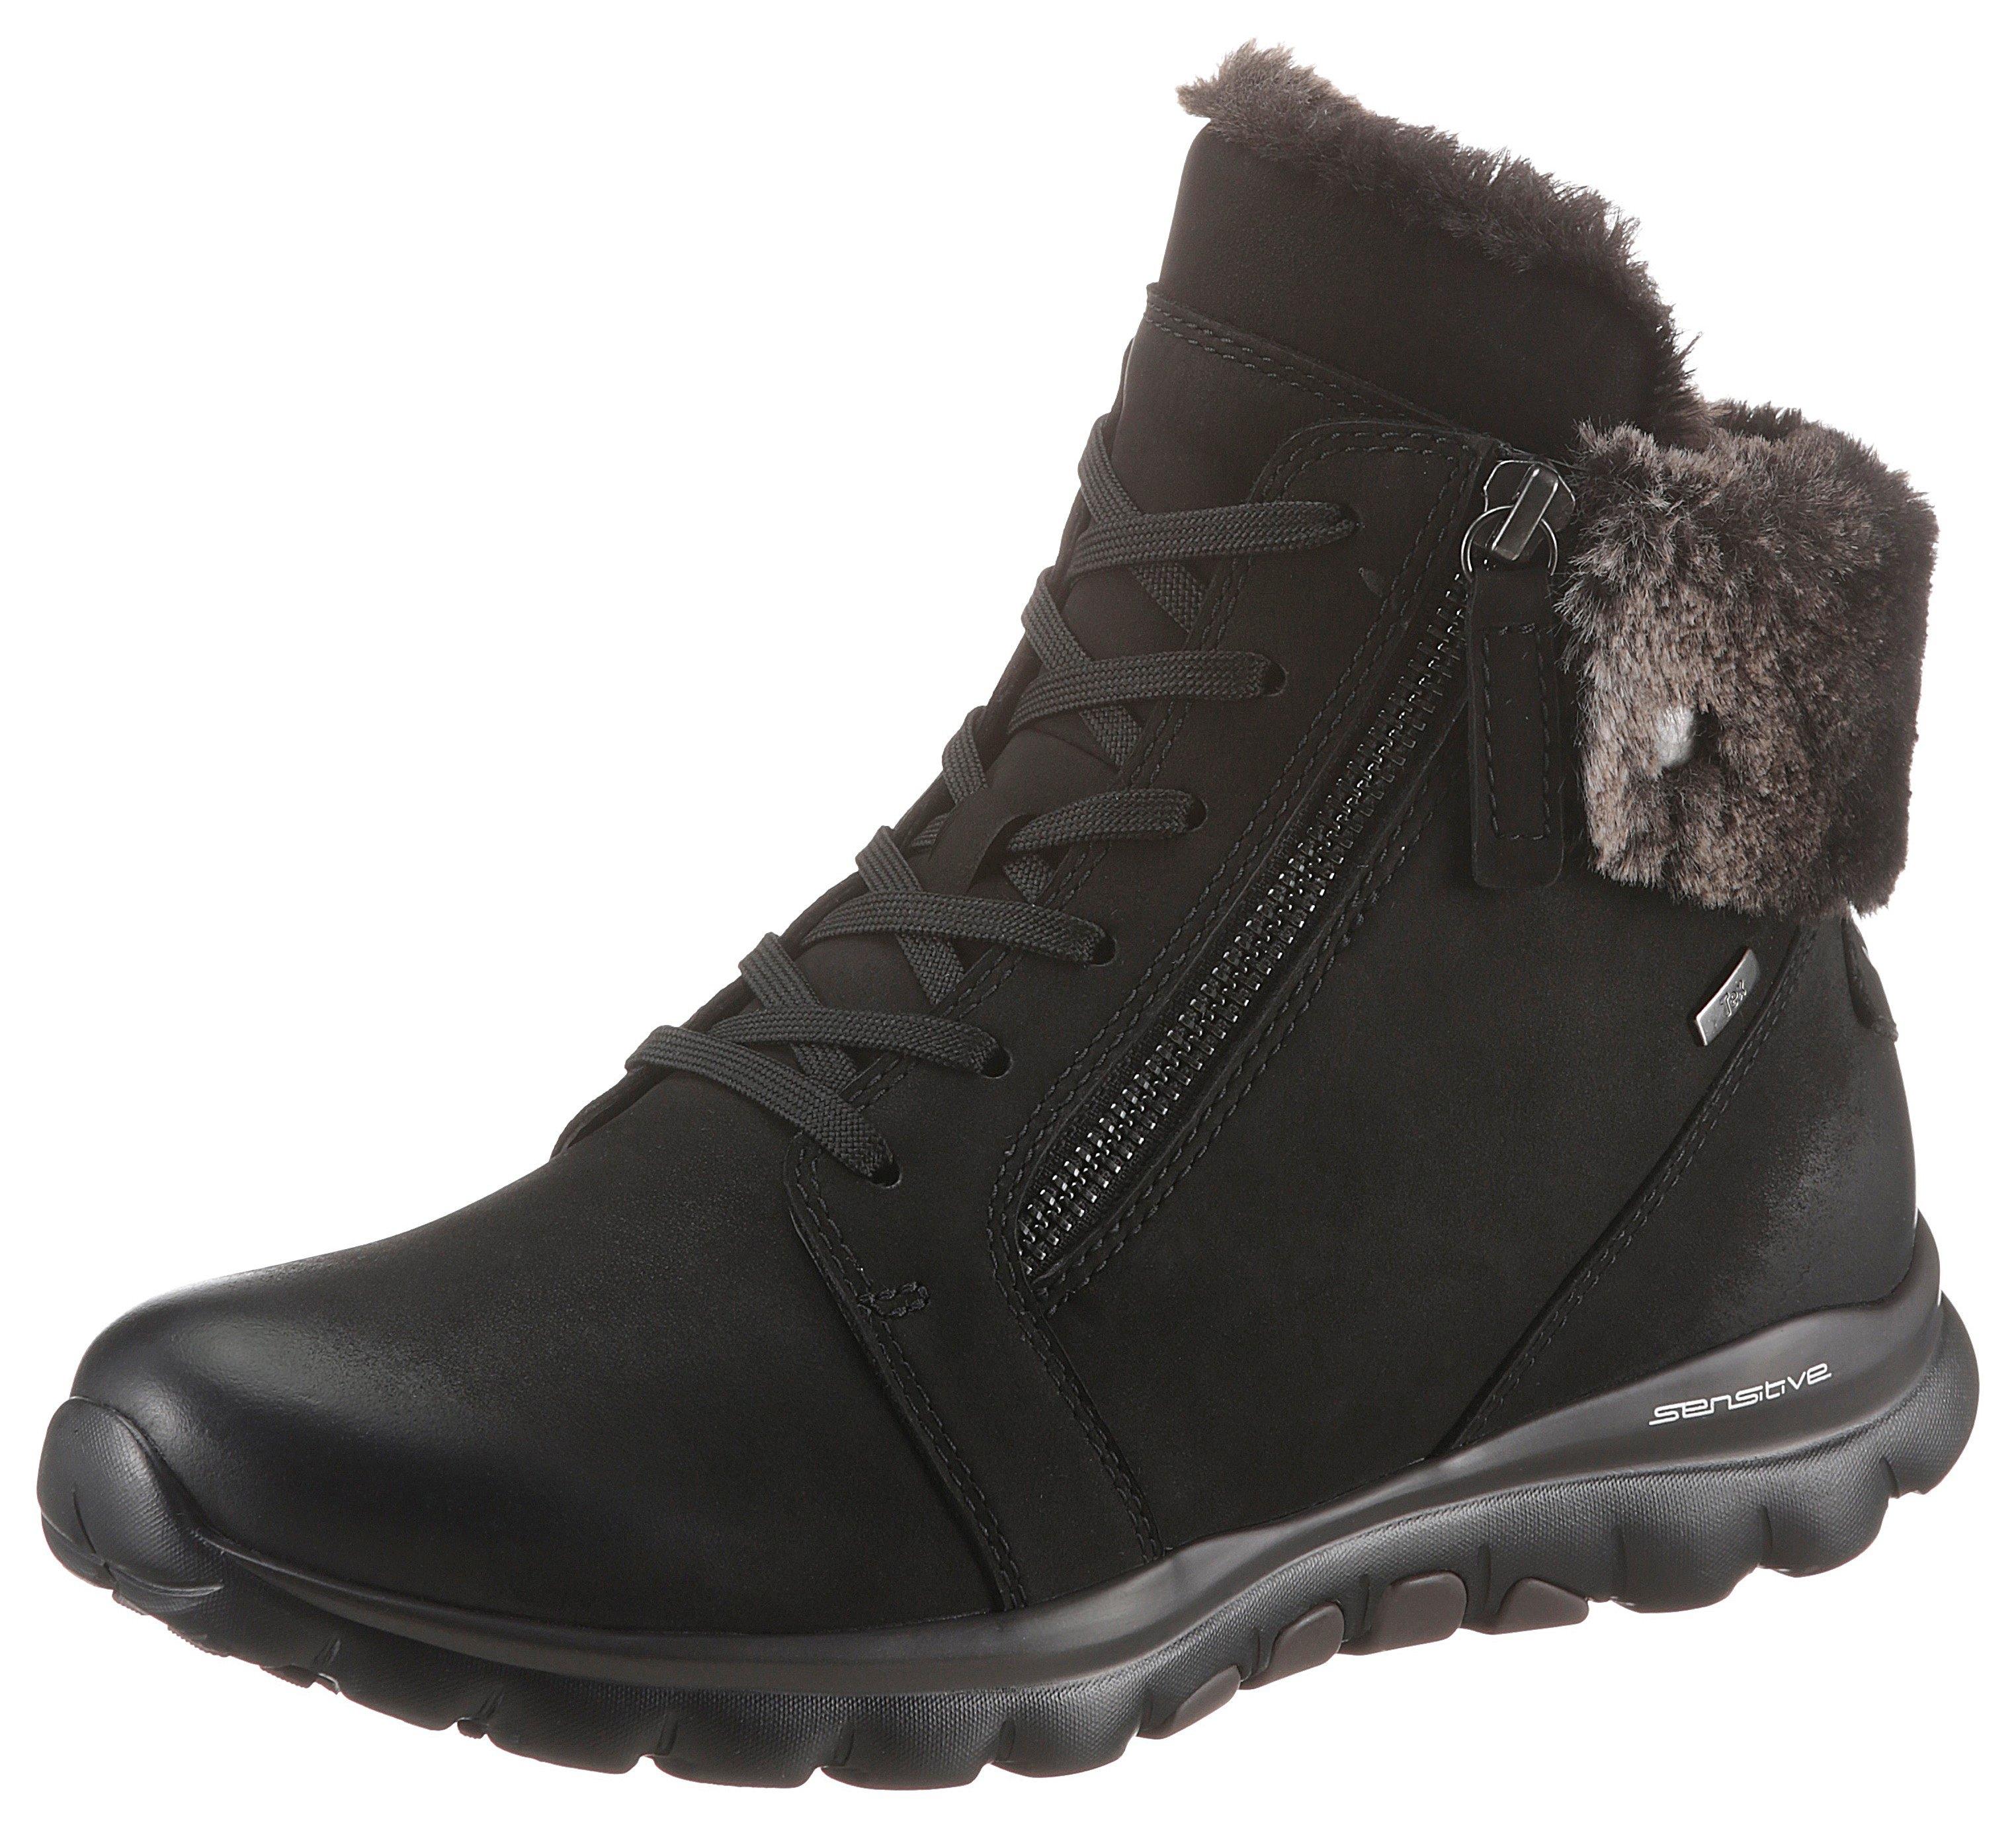 Gabor Rollingsoft hoge veterschoenen met beleg van imitatiebont bij OTTO online kopen